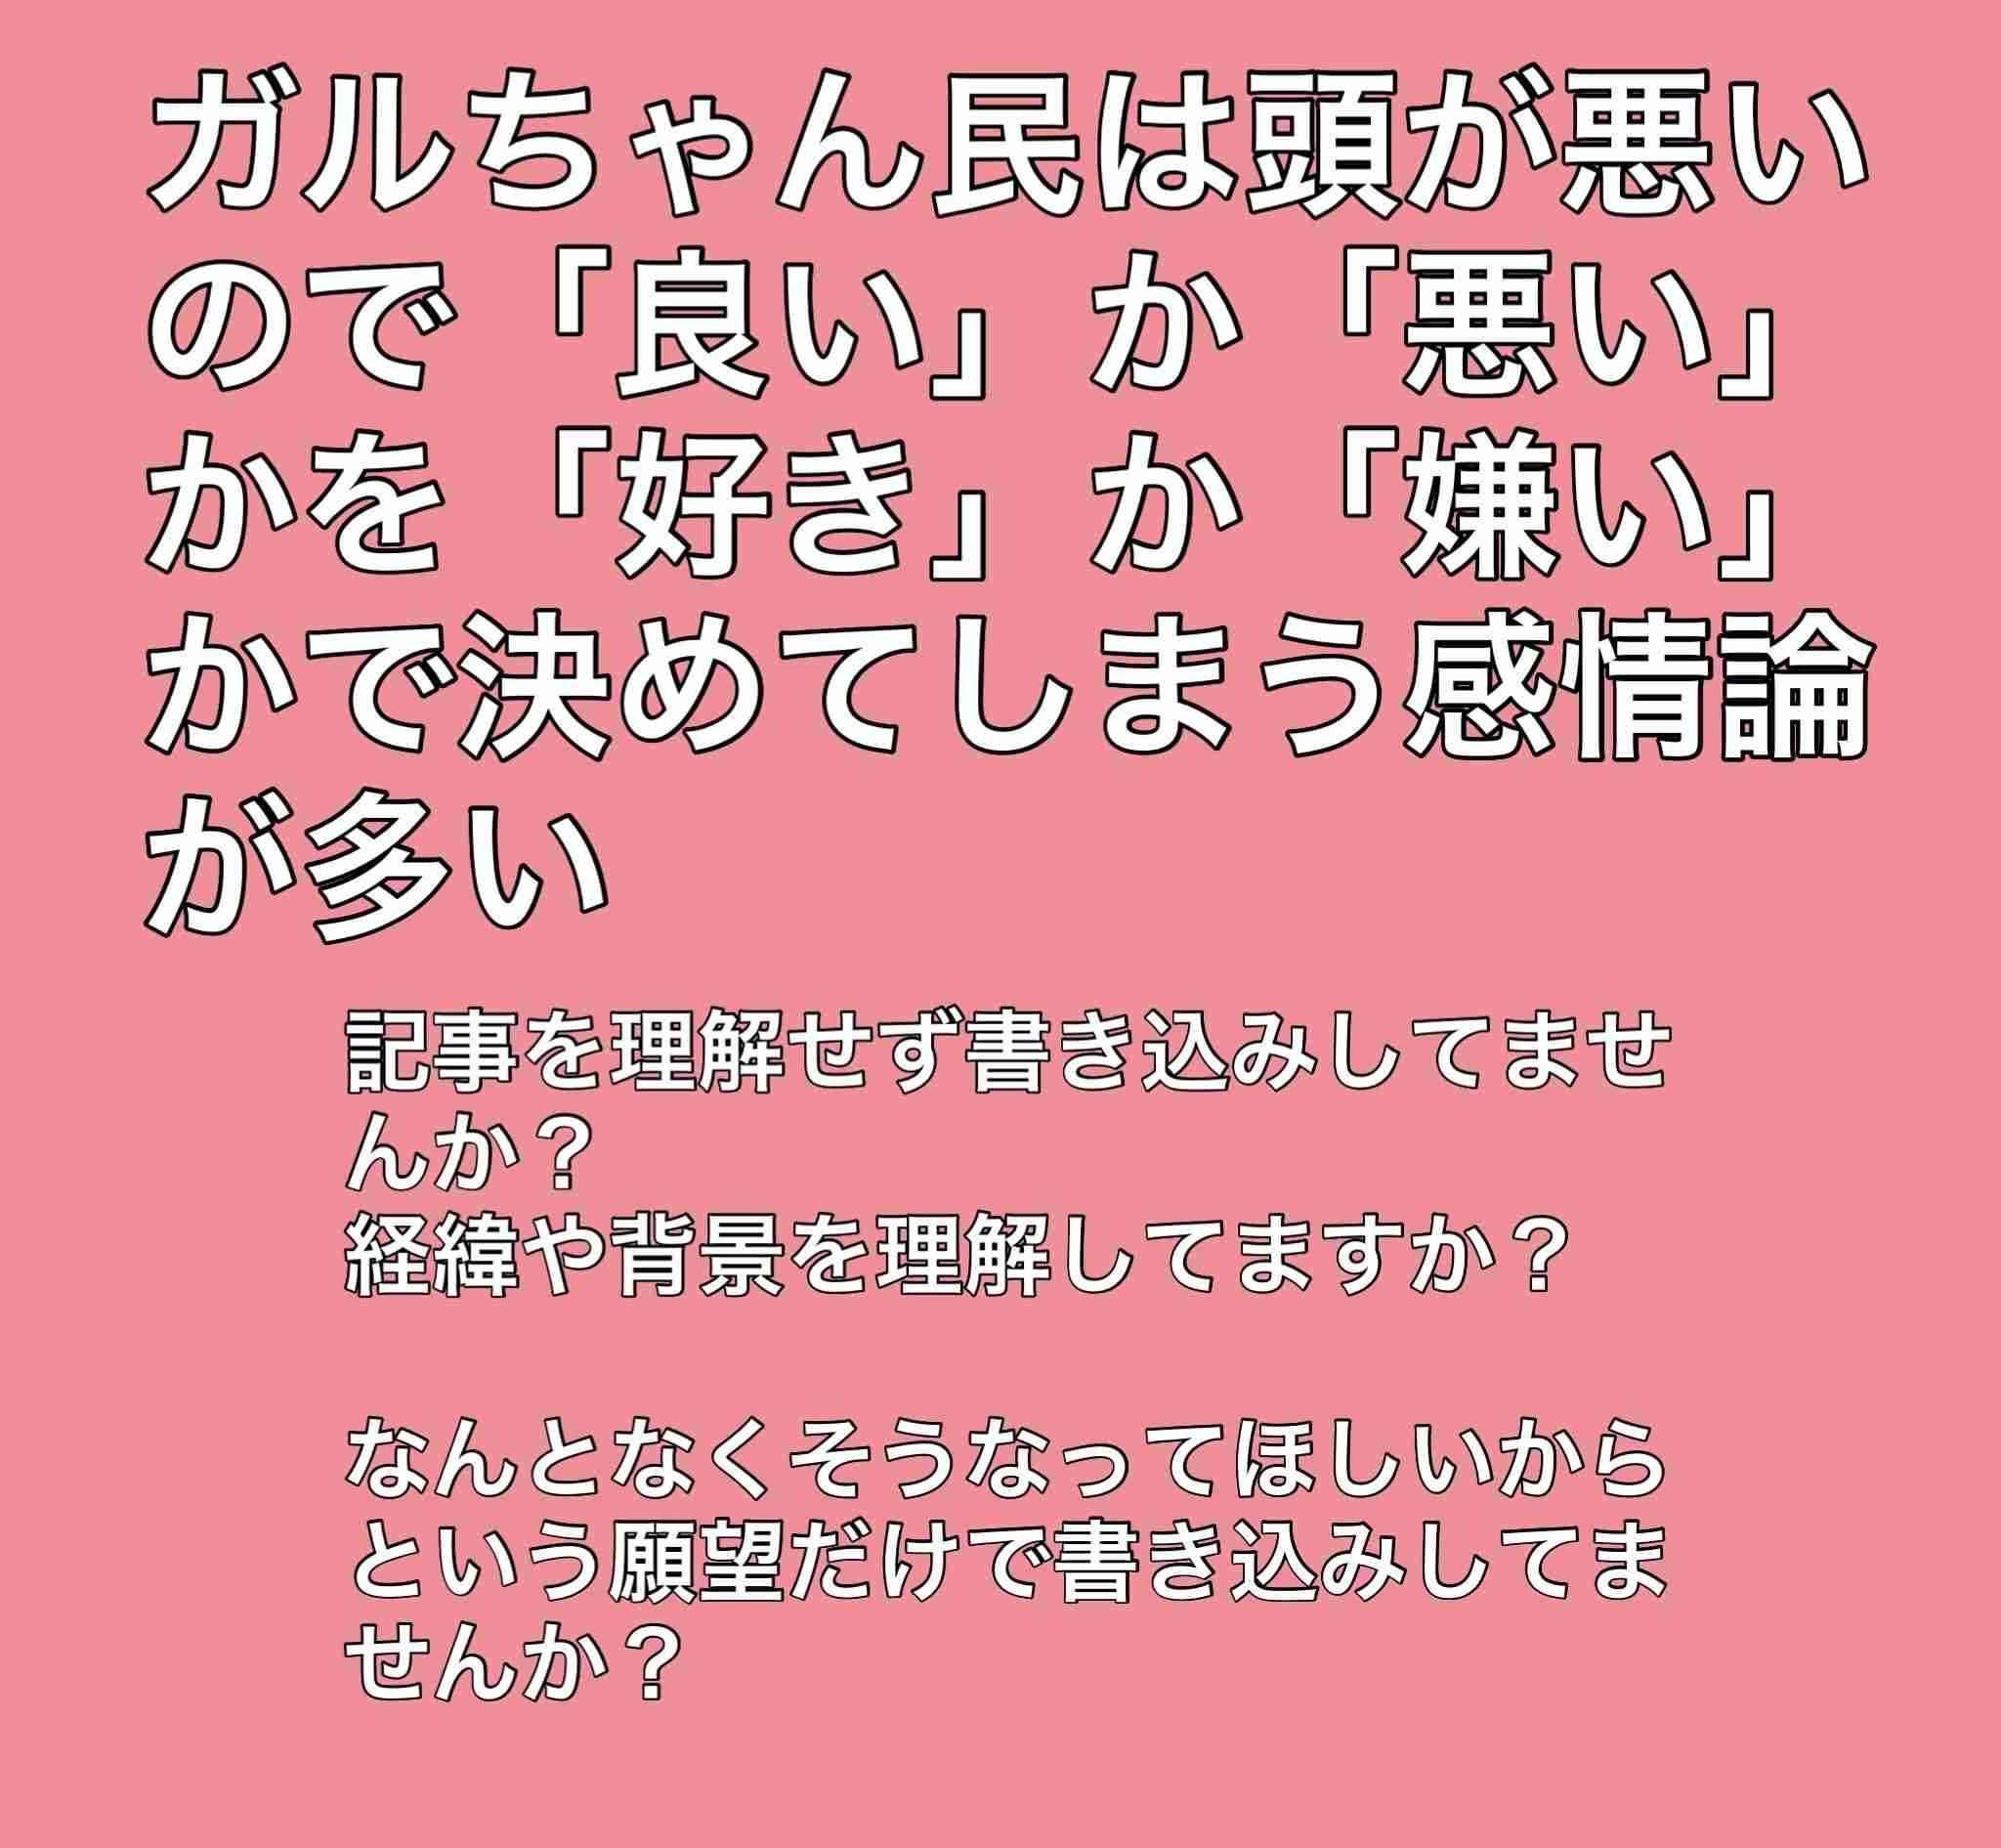 小学生の列に突っ込み6人負傷、危険運転は無罪 大阪地裁が罰金30万円の判決